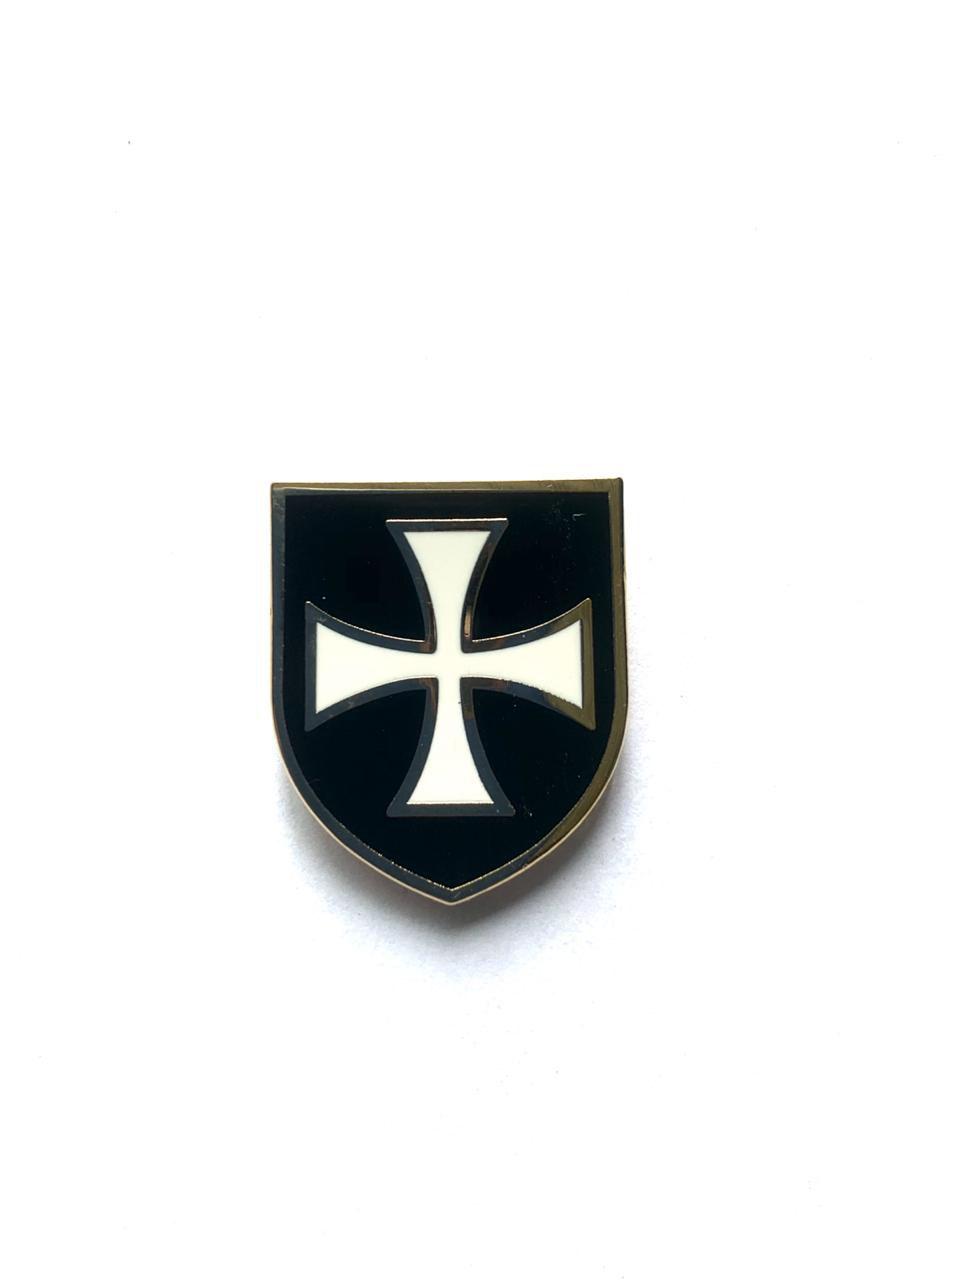 Escudo do Templário Preto - DM